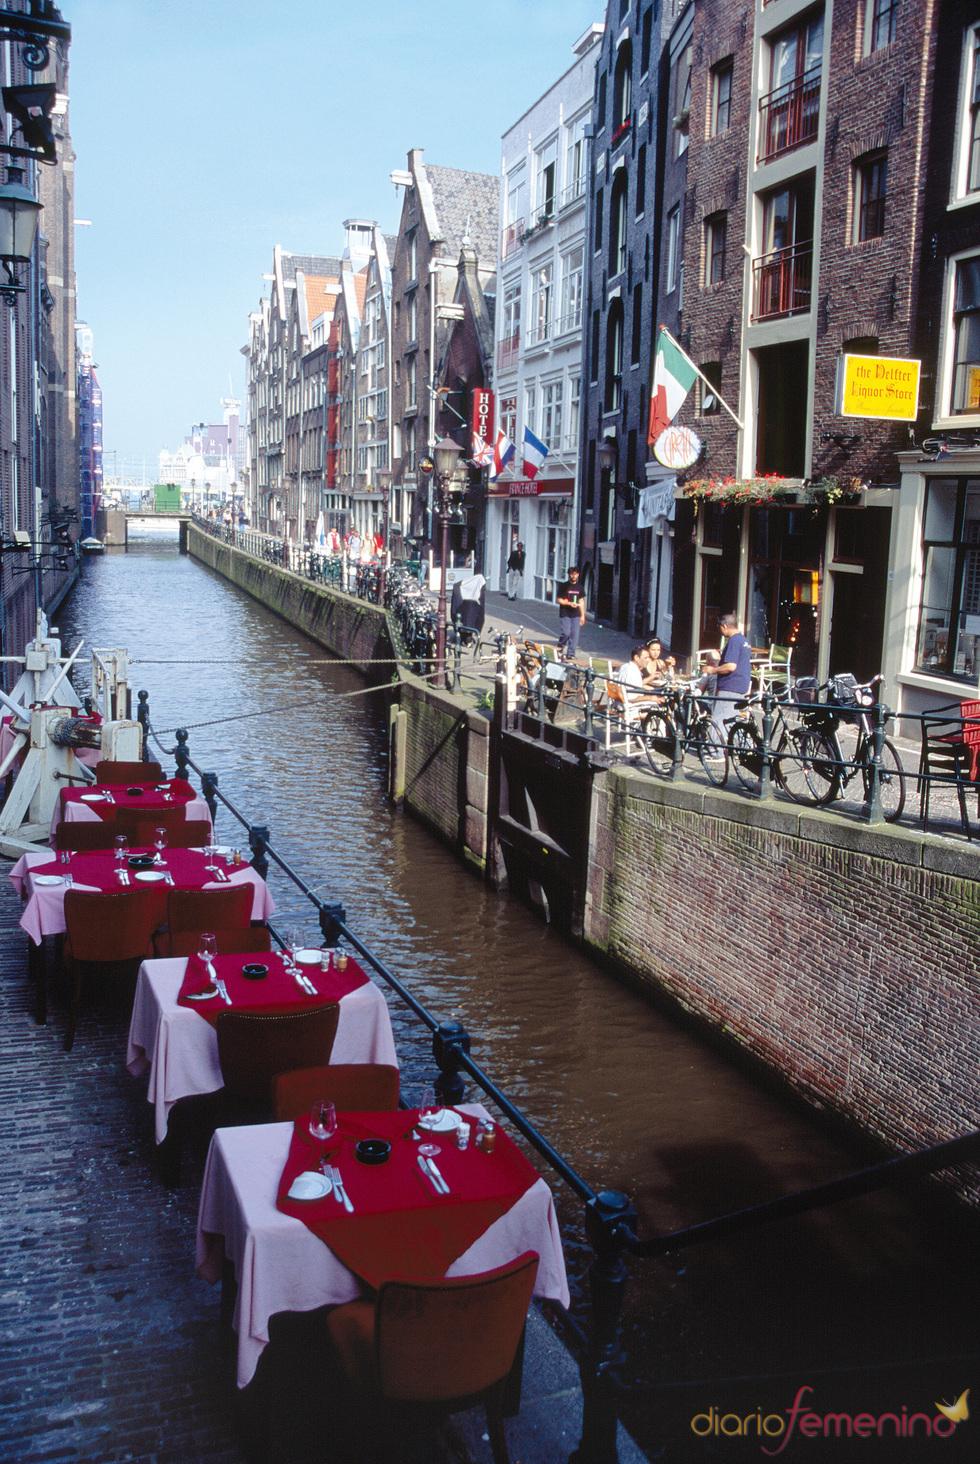 Los canales son uno de los mayores reclamos turísticos de Ámsterdam